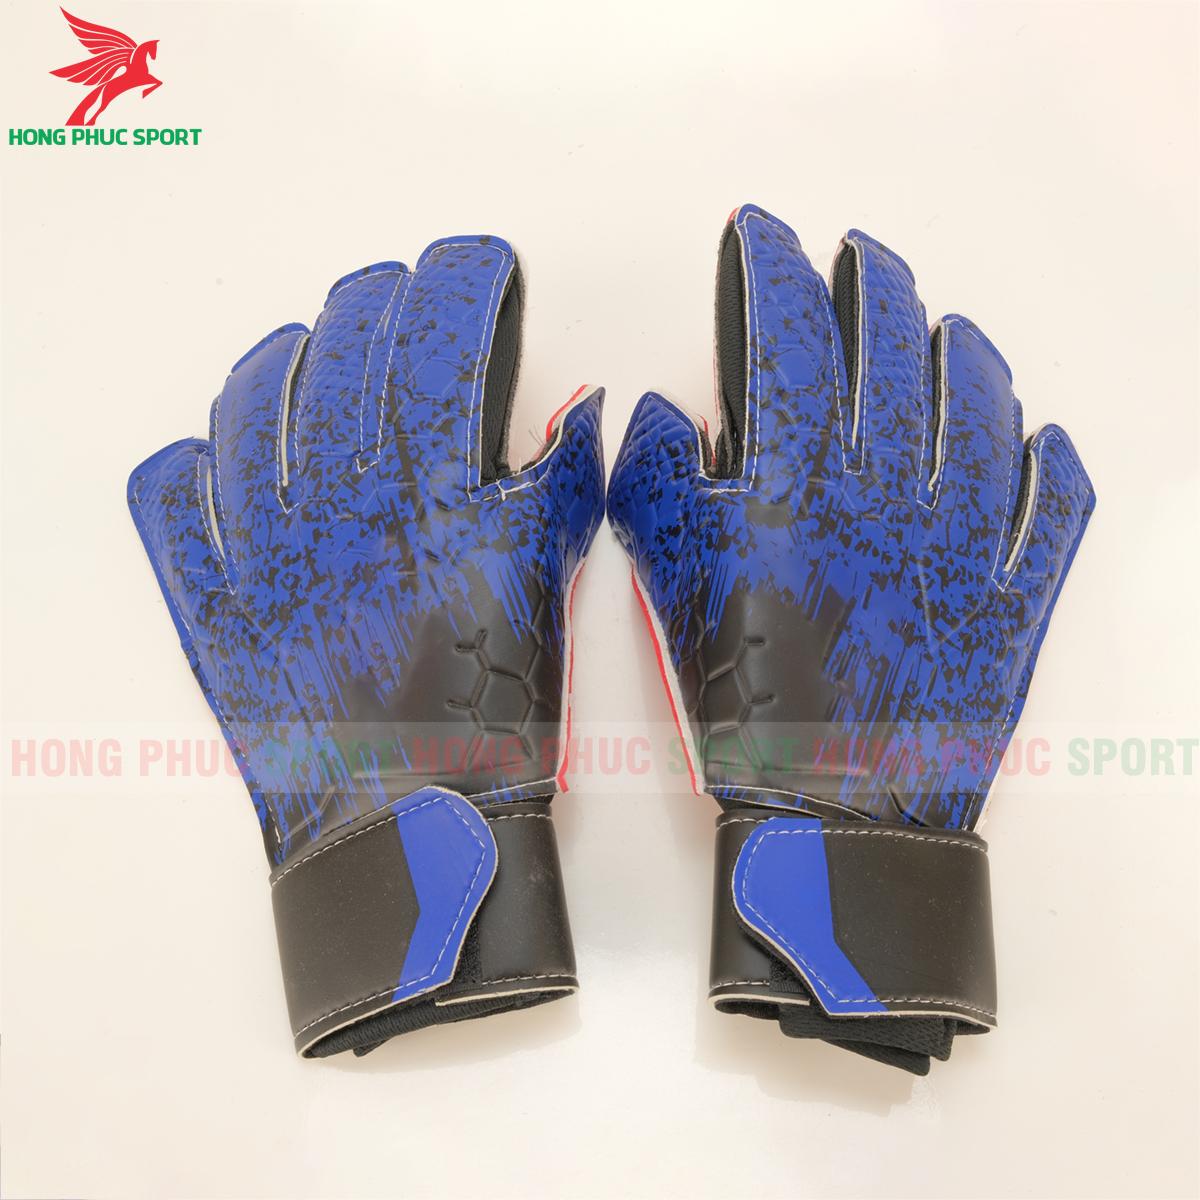 Găng tay thủ môn Adidas màu xanh dương